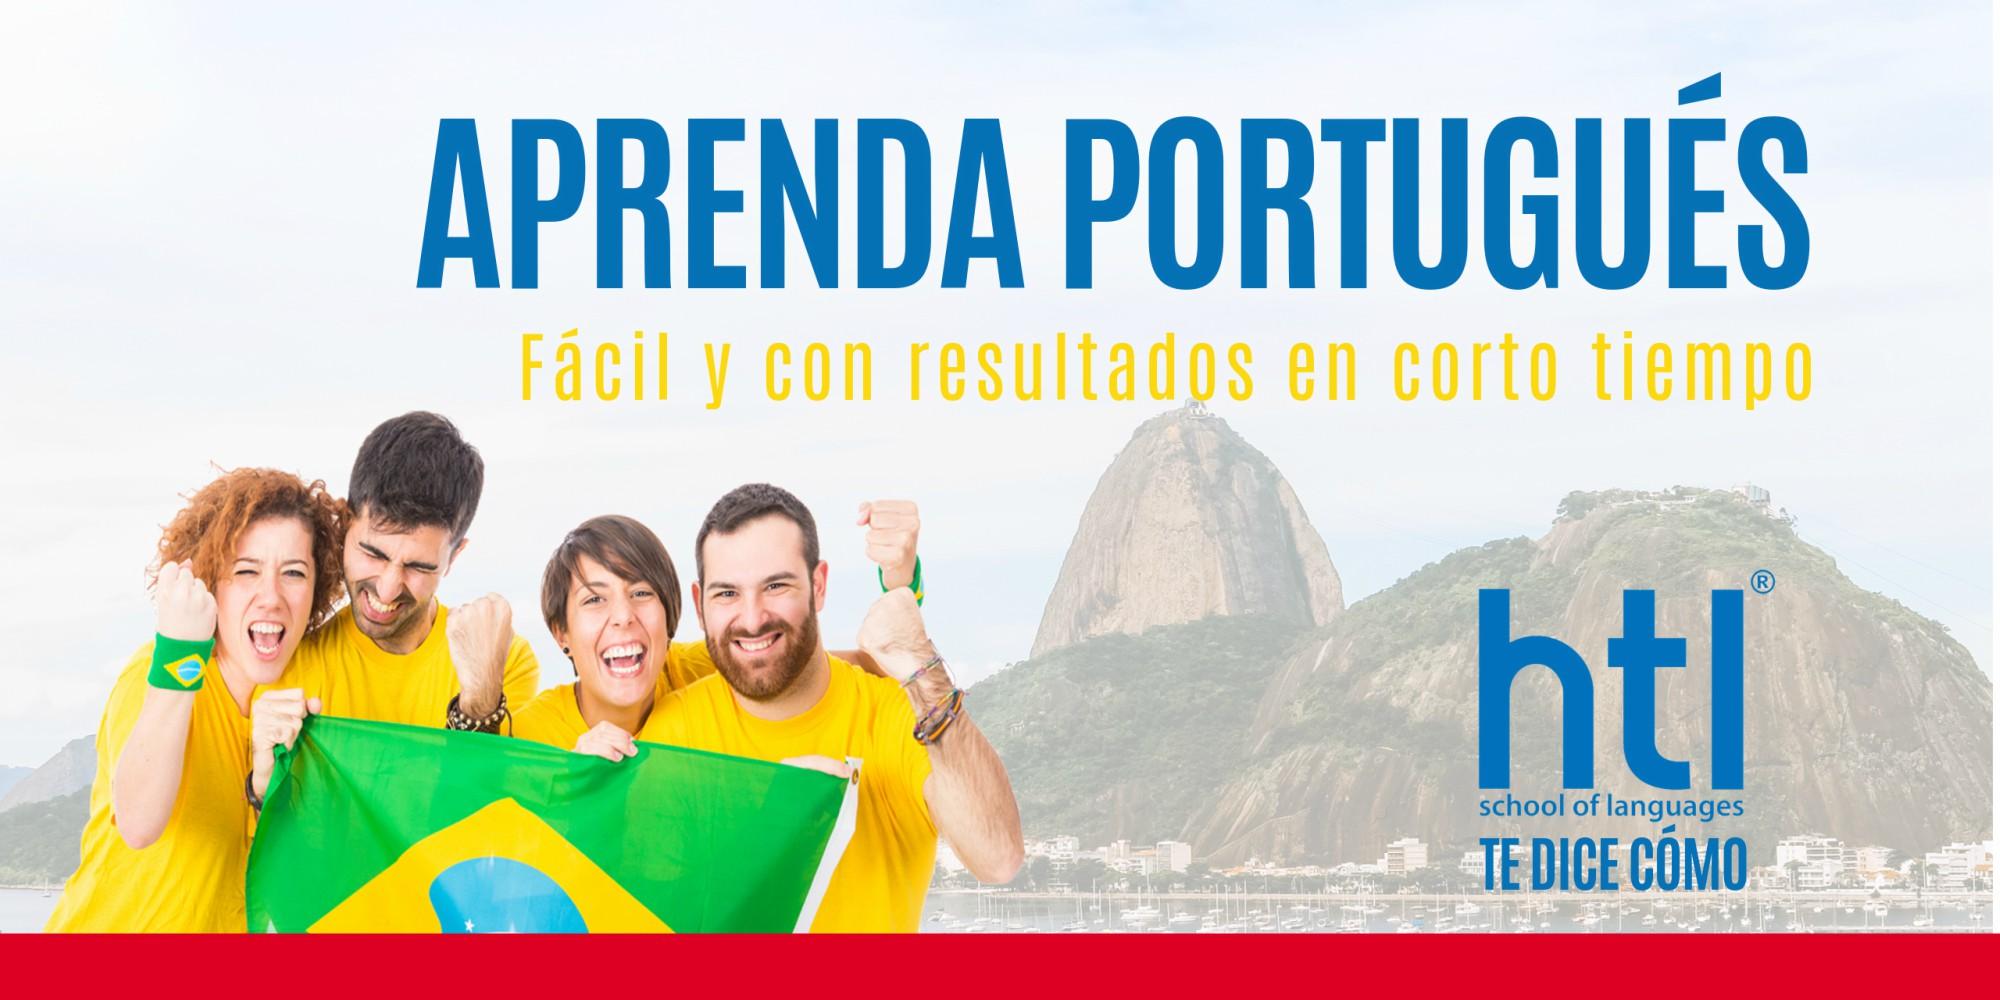 Curso de idiomas en bogota, curso de portugues, apredner portugues.